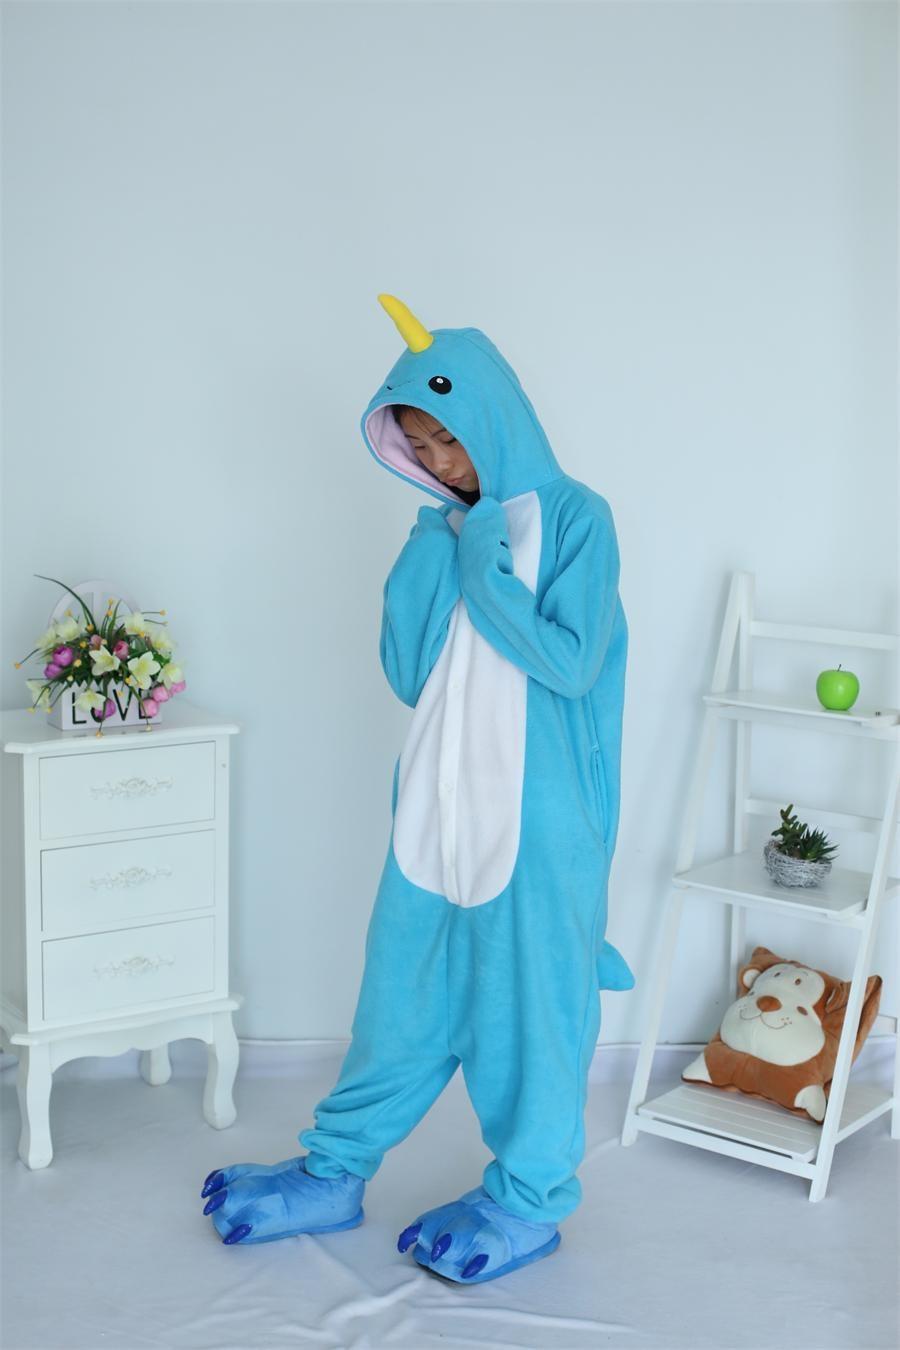 Kostiumų kostiumas Sleepwear Pajamas Unisex Onesies Cartoon - Karnavaliniai kostiumai